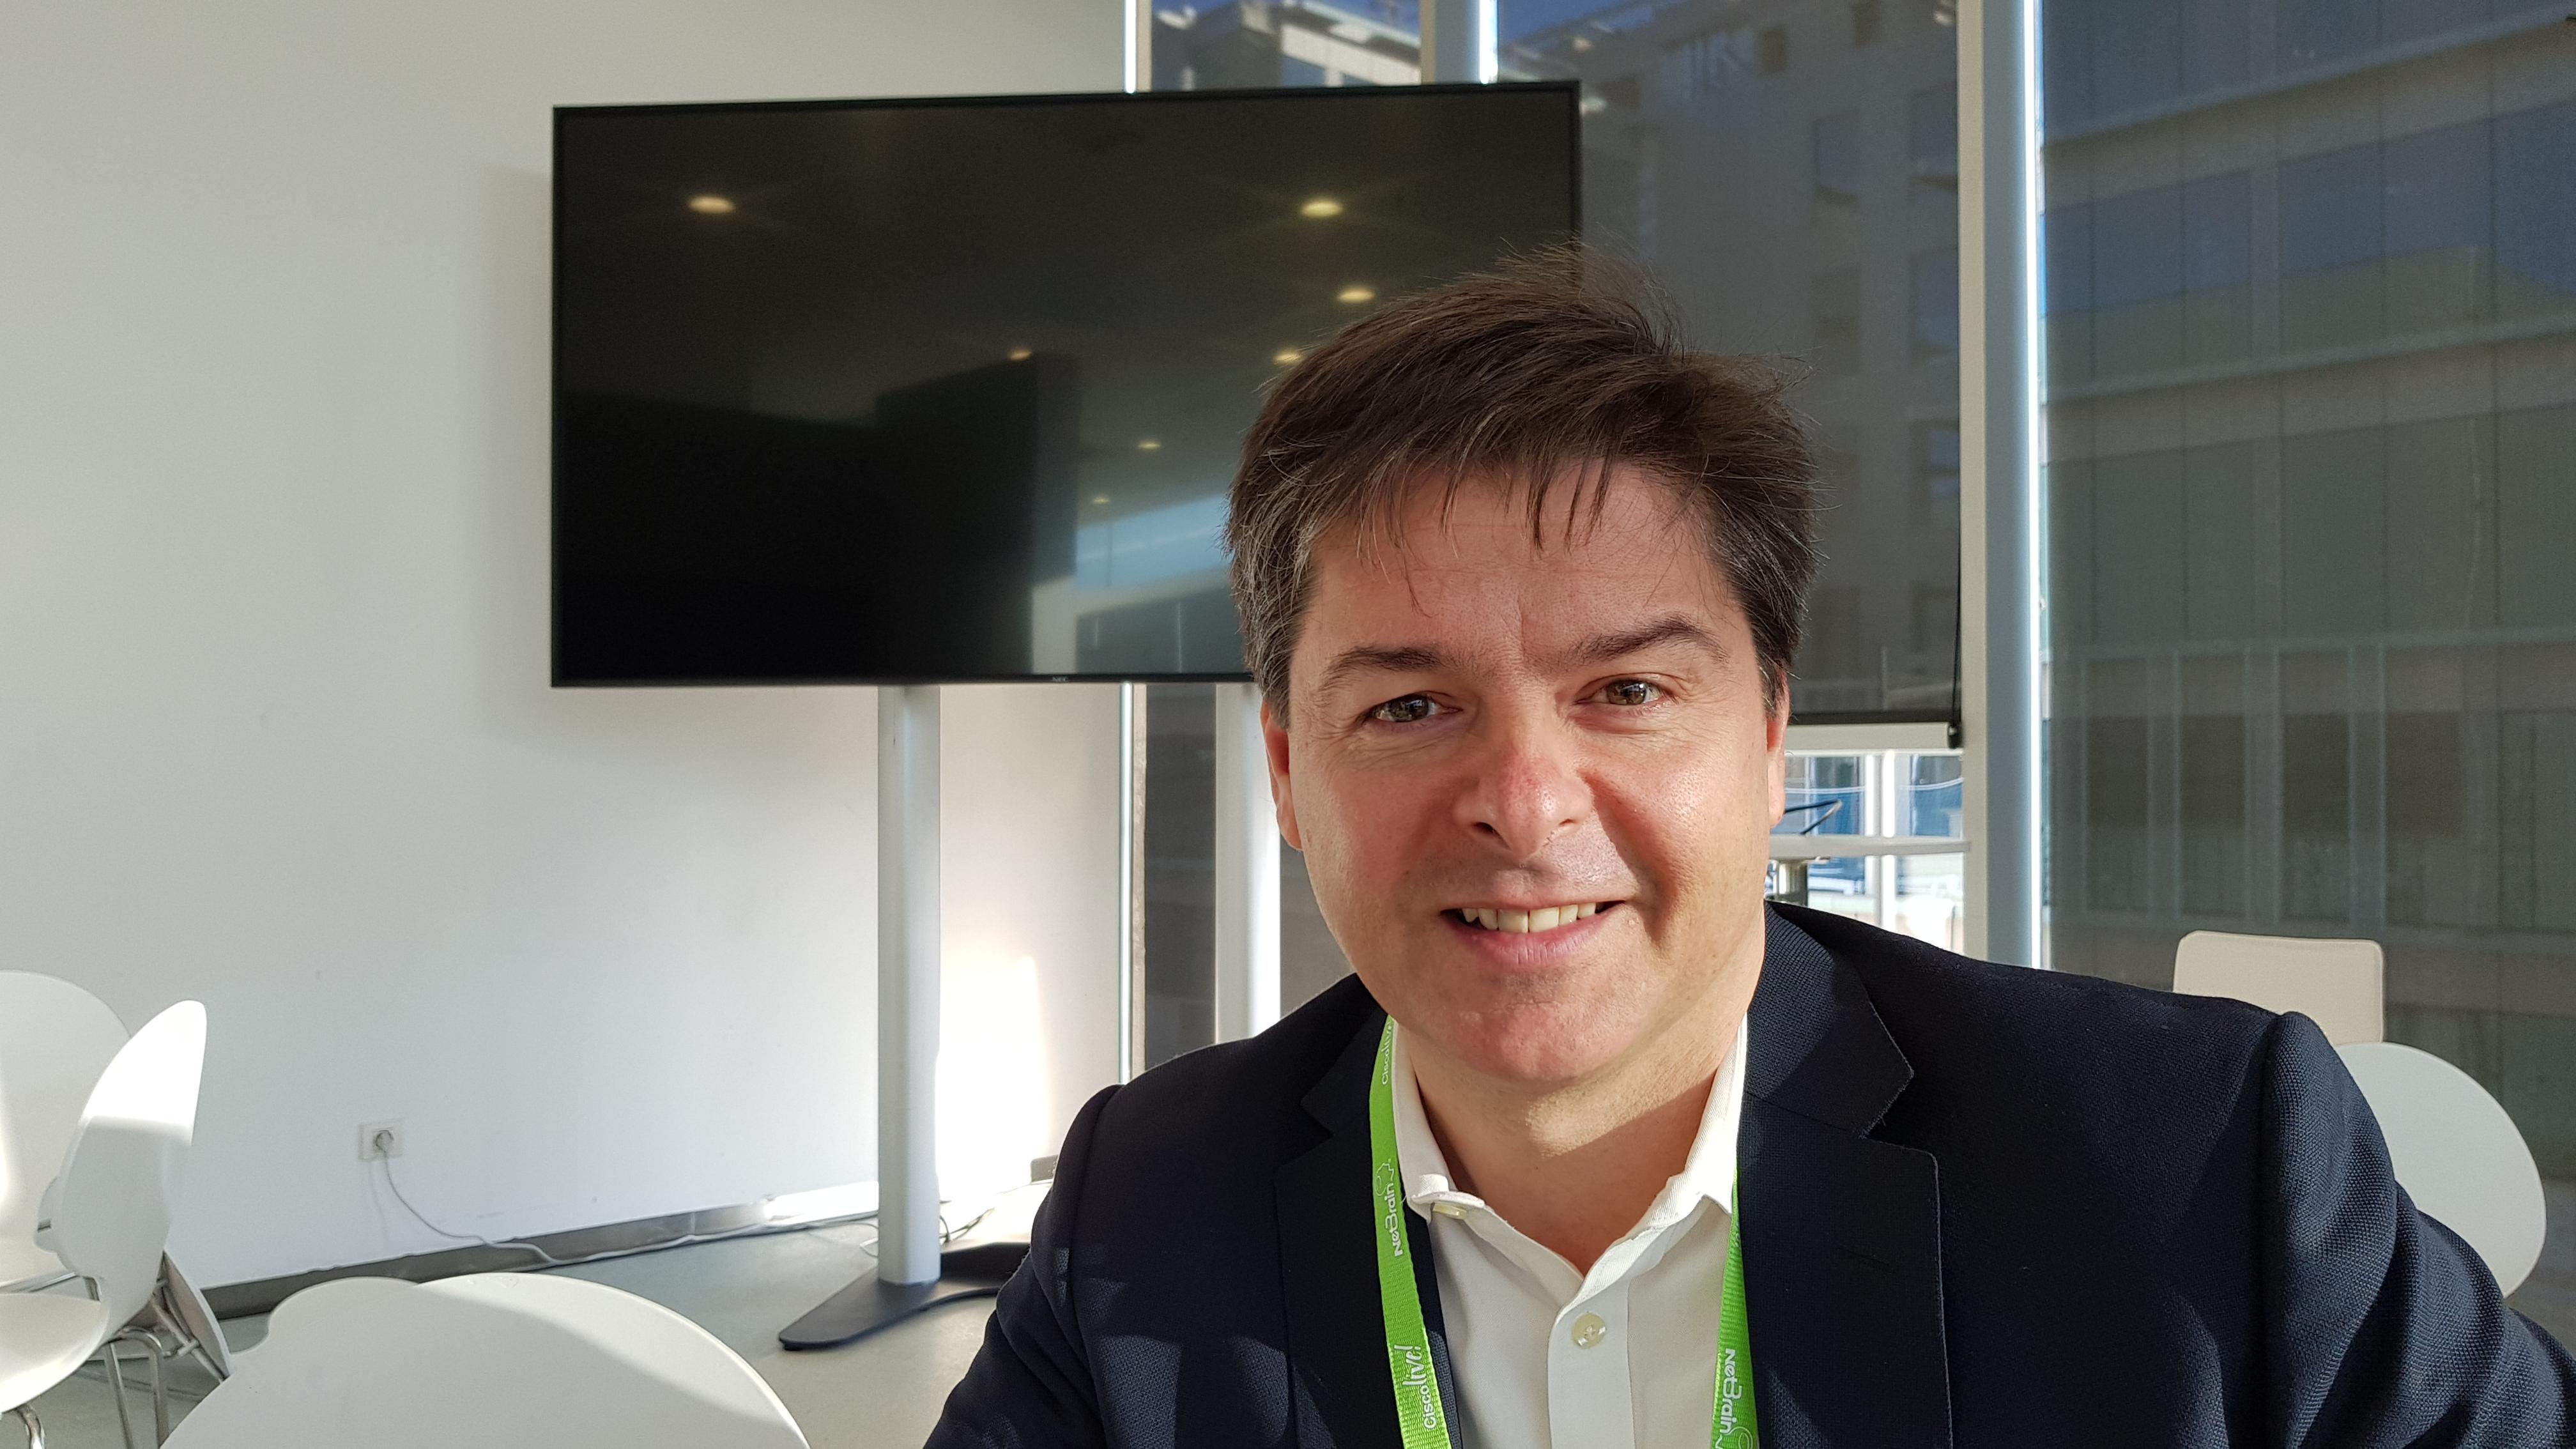 Fabio Gori, Sr. Director Cloud Solution Marketing di Cisco